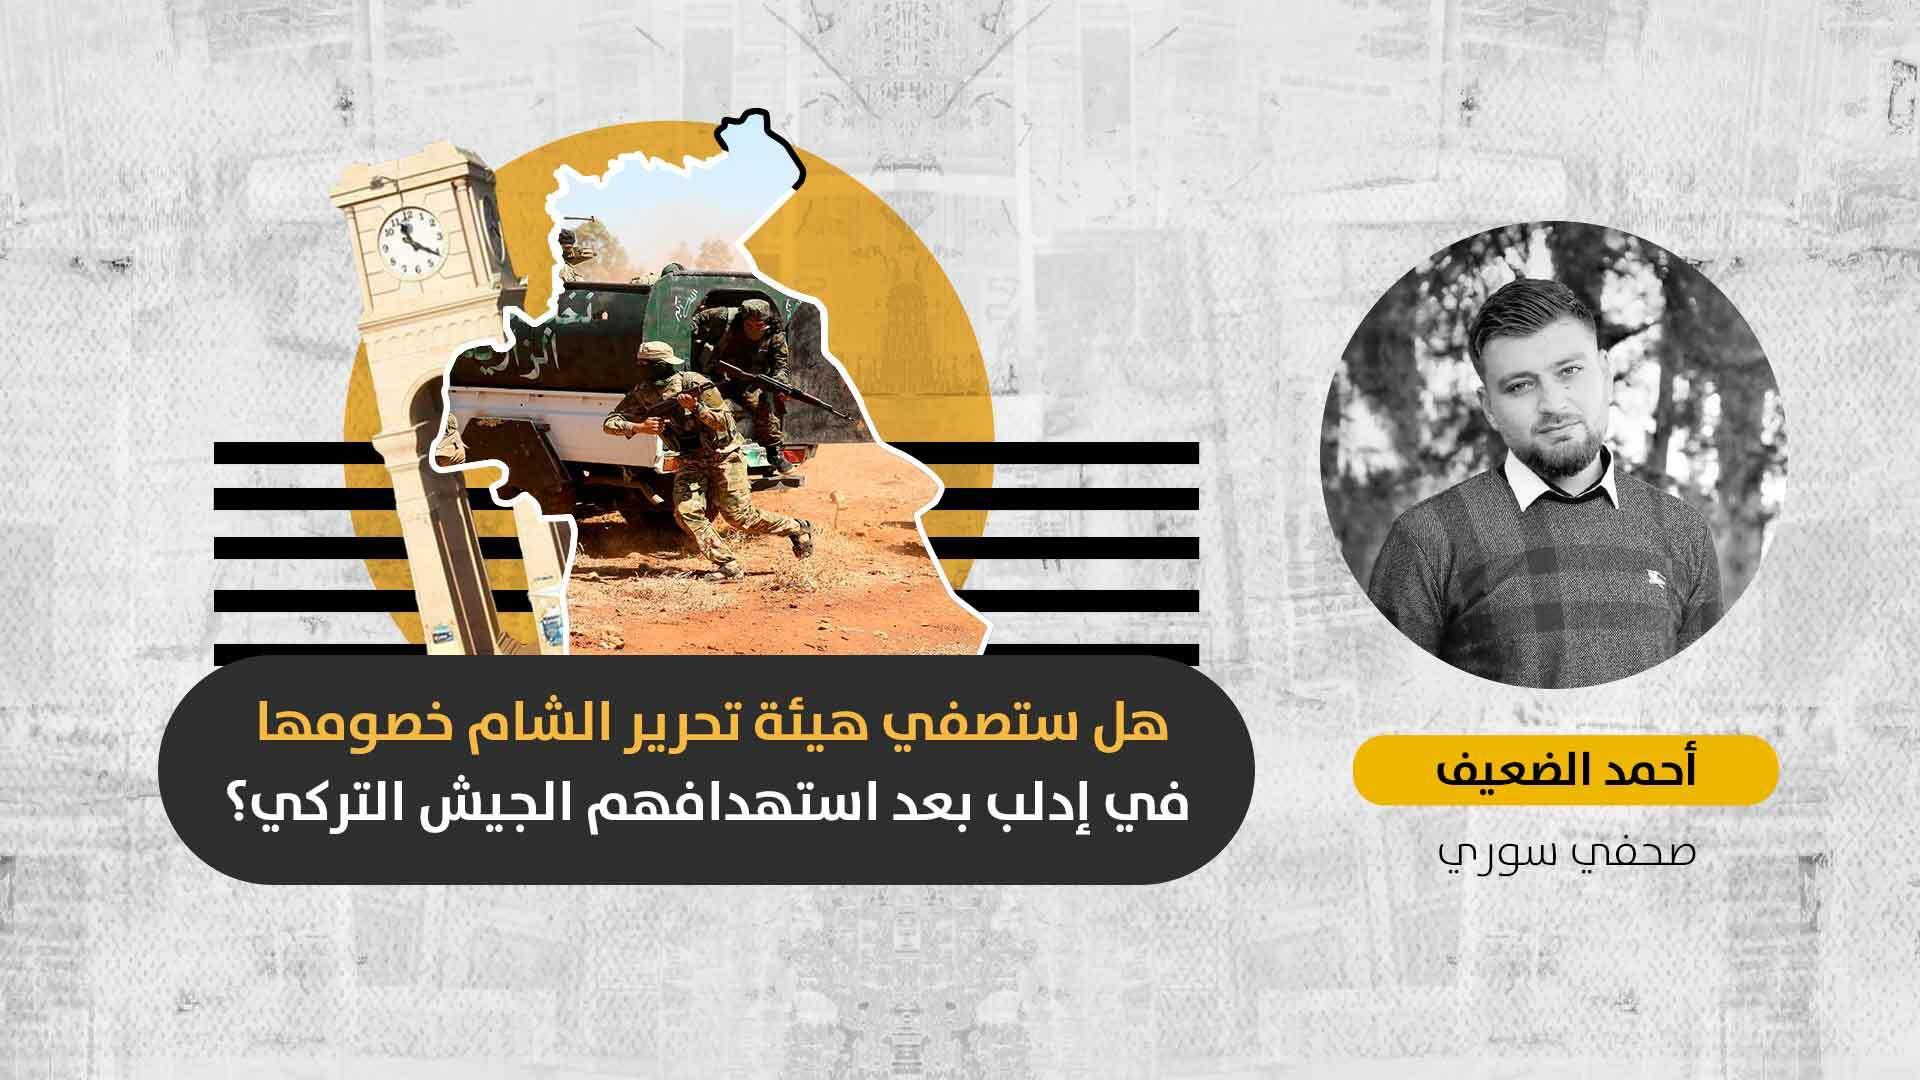 استهداف الجيش التركي في إدلب: تمرّد داخل هيئة تحرير الشام أم بوادر لمعركة بين الفصائل الجهادية في المنطقة؟